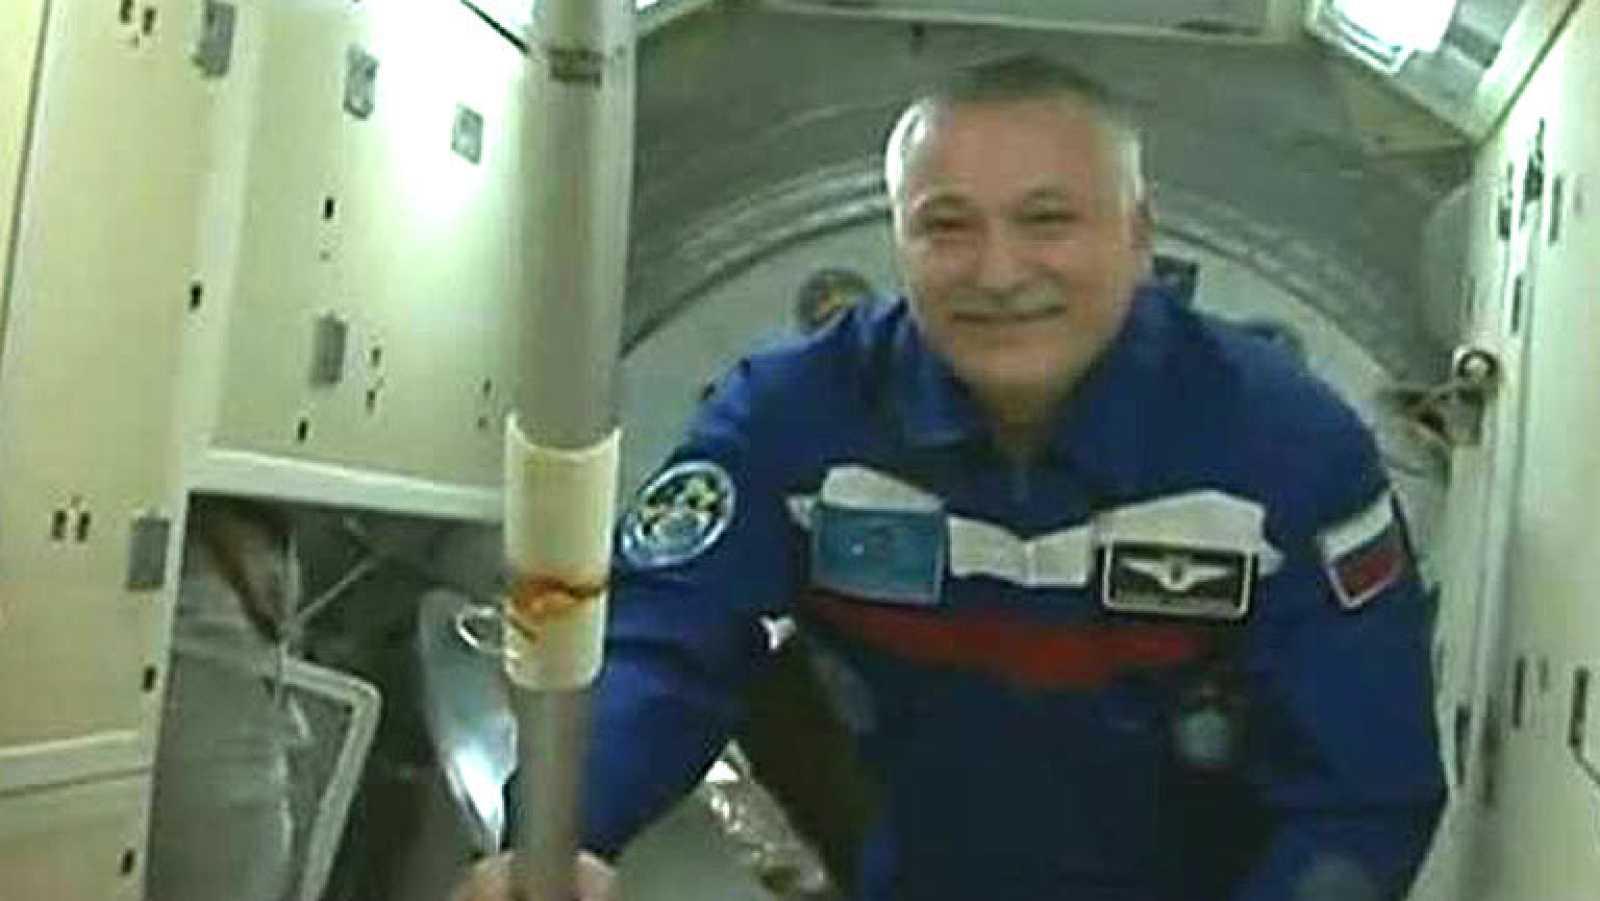 La Estación Espacial Internacional ha recibido este jueves a la antorcha de Sochi 2014, que dará un paseo espacial el próximo sábado.